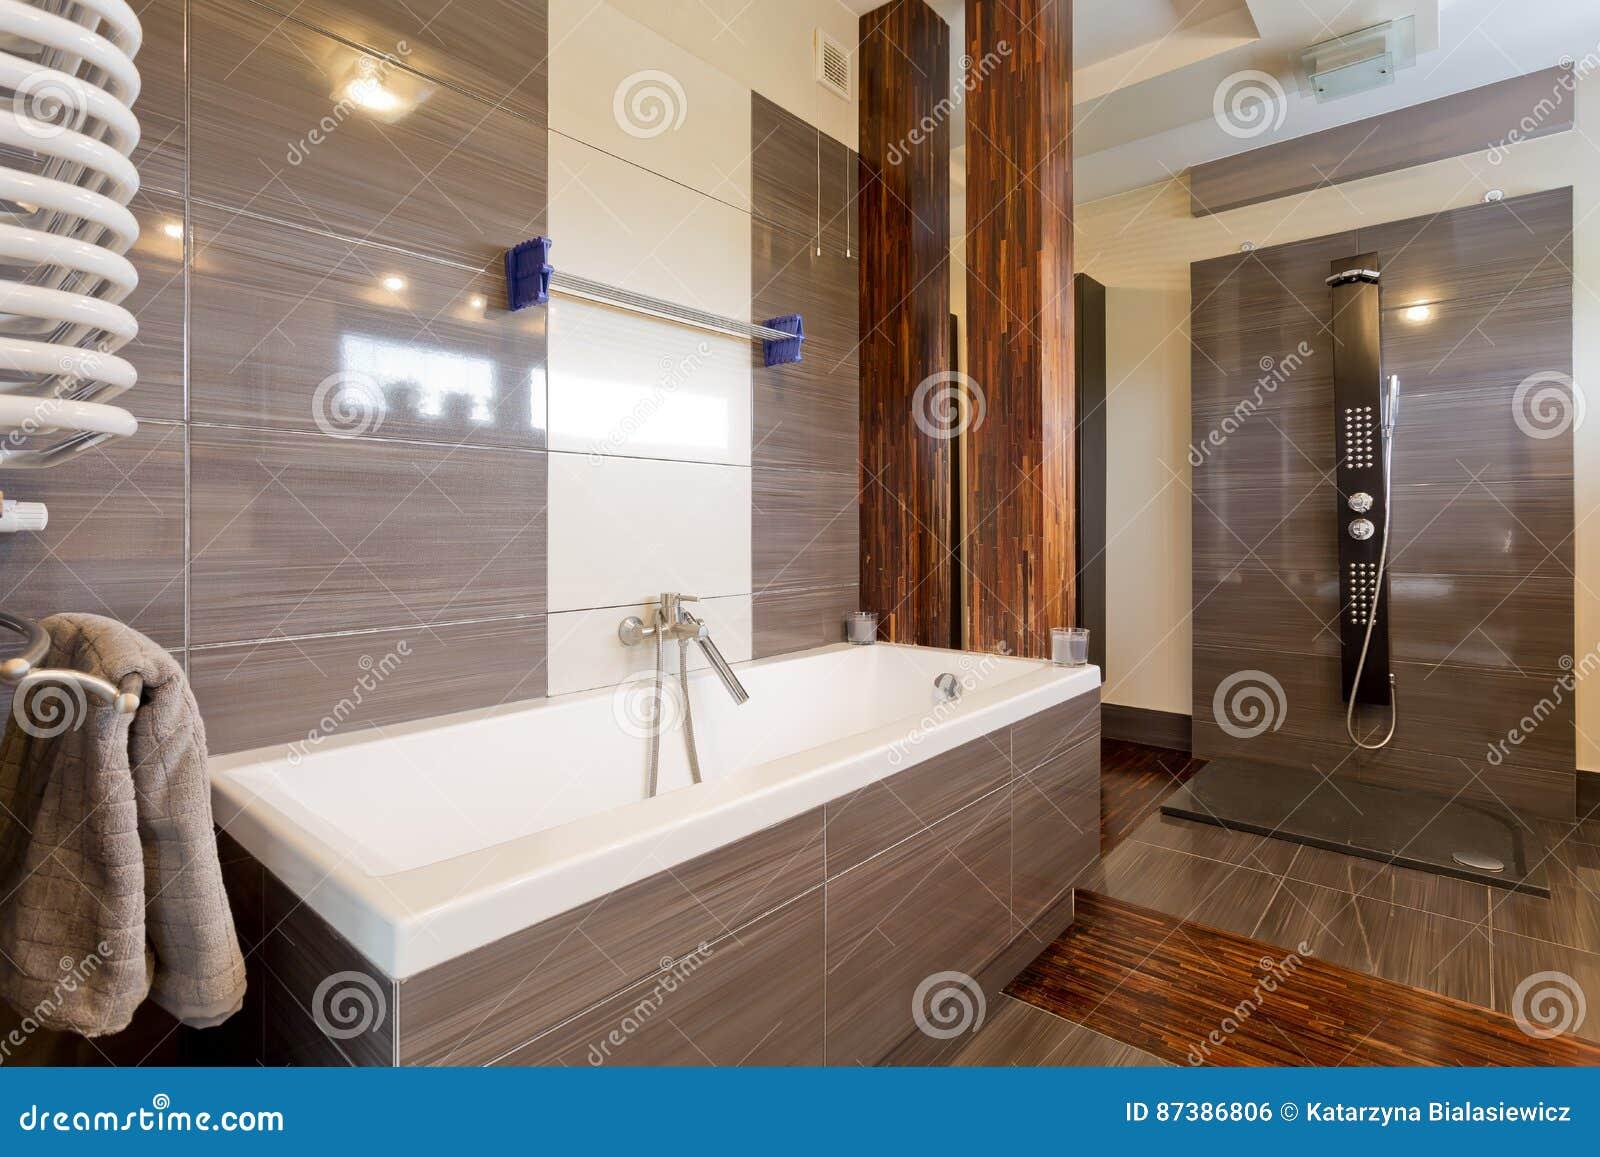 Bagno Marrone Moderno : Bagno marrone moderno con la vasca fotografia stock immagine di